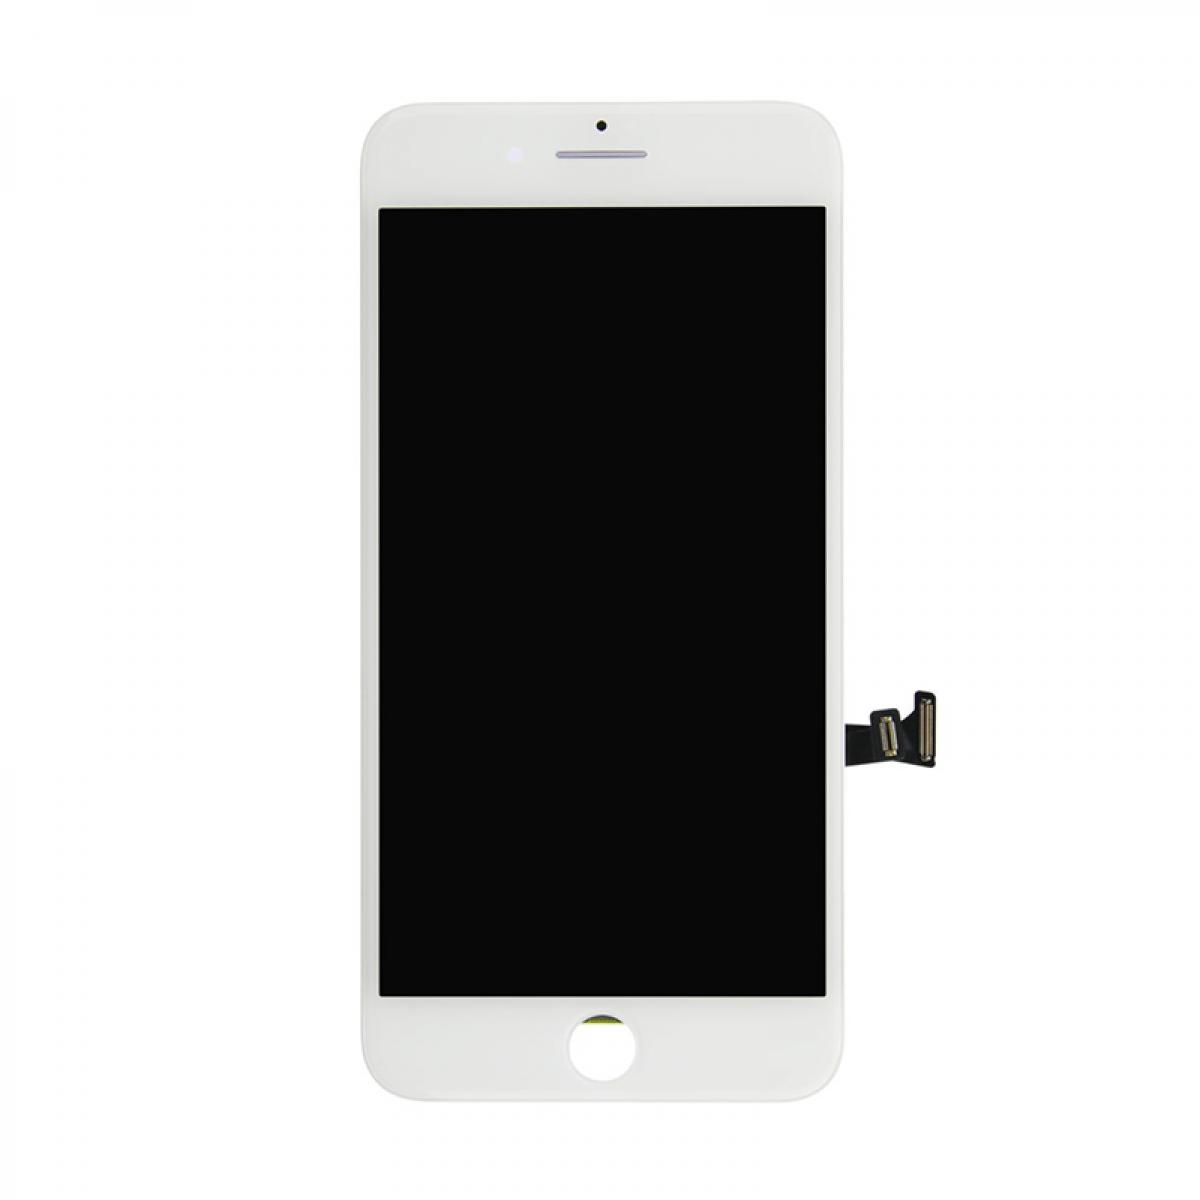 Черный экран в iPhone